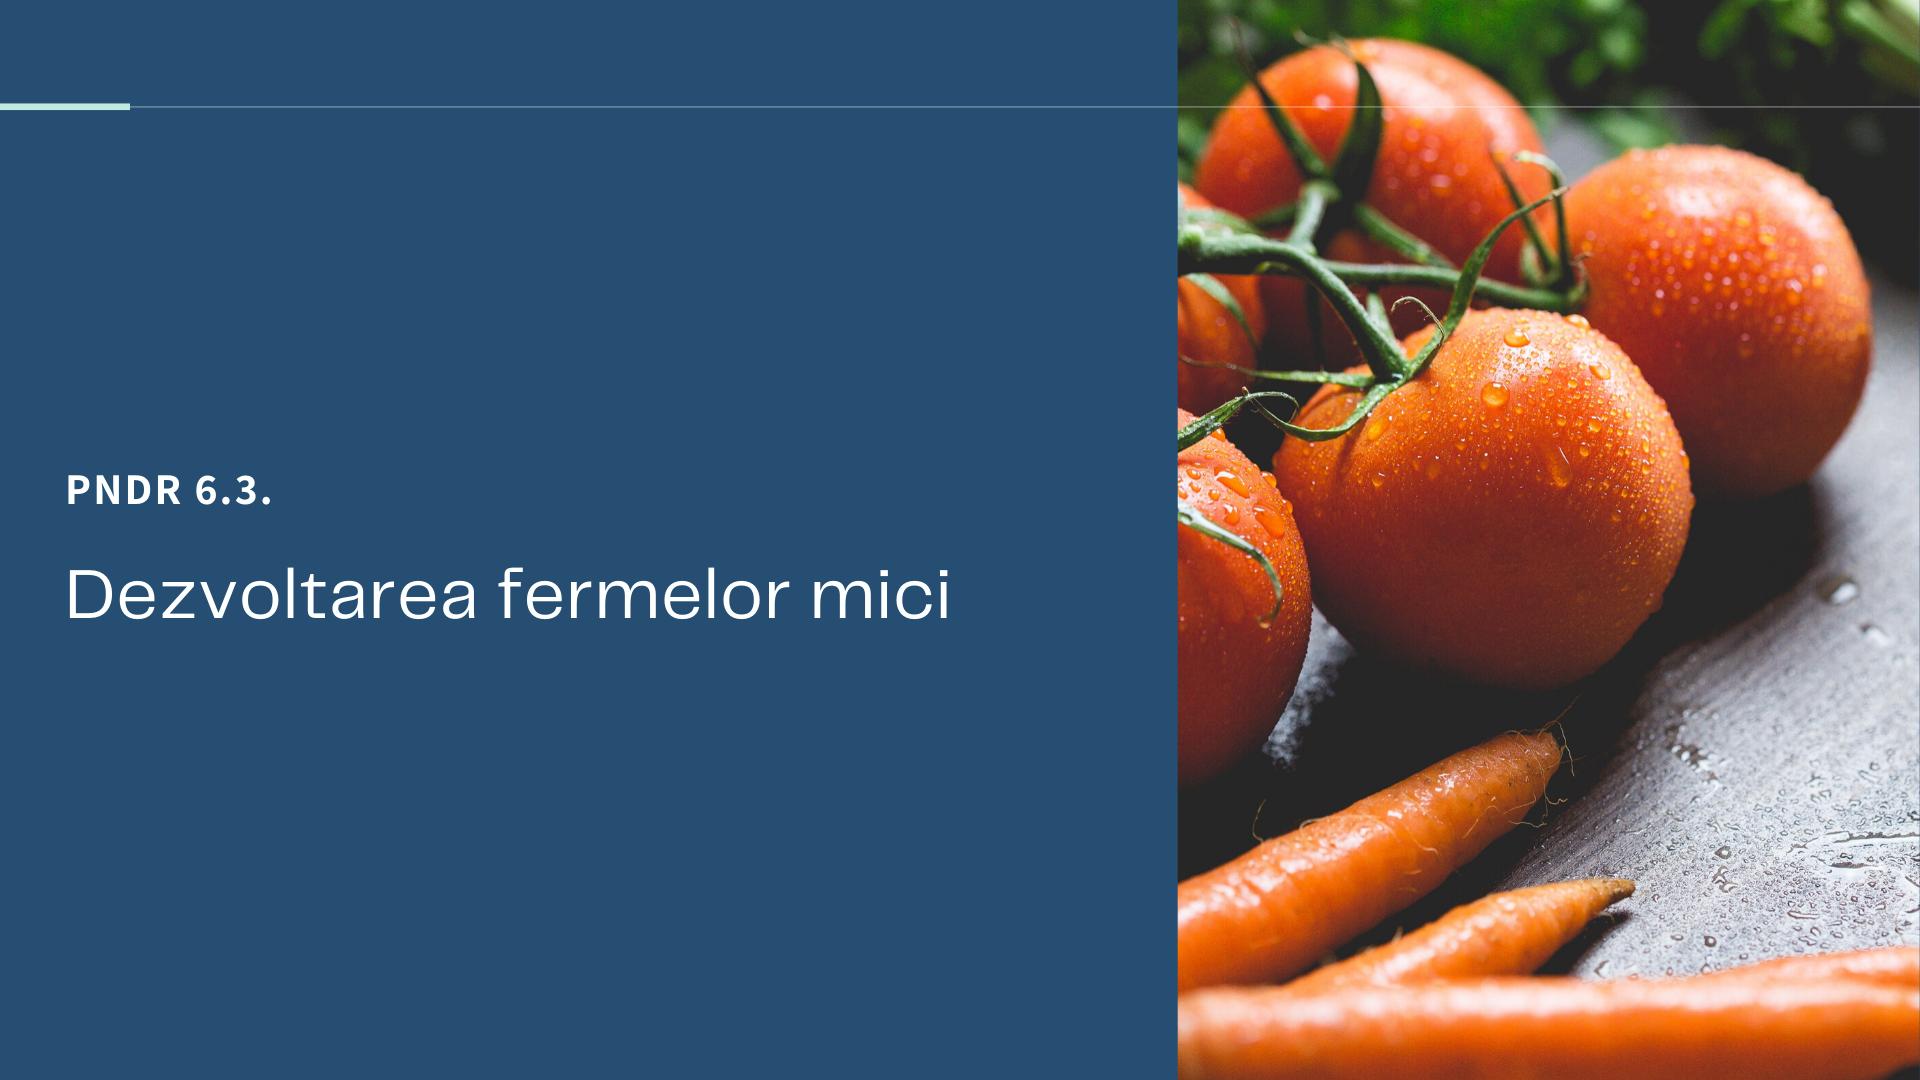 PNDR 6.3 Dezvoltarea fermelor mici